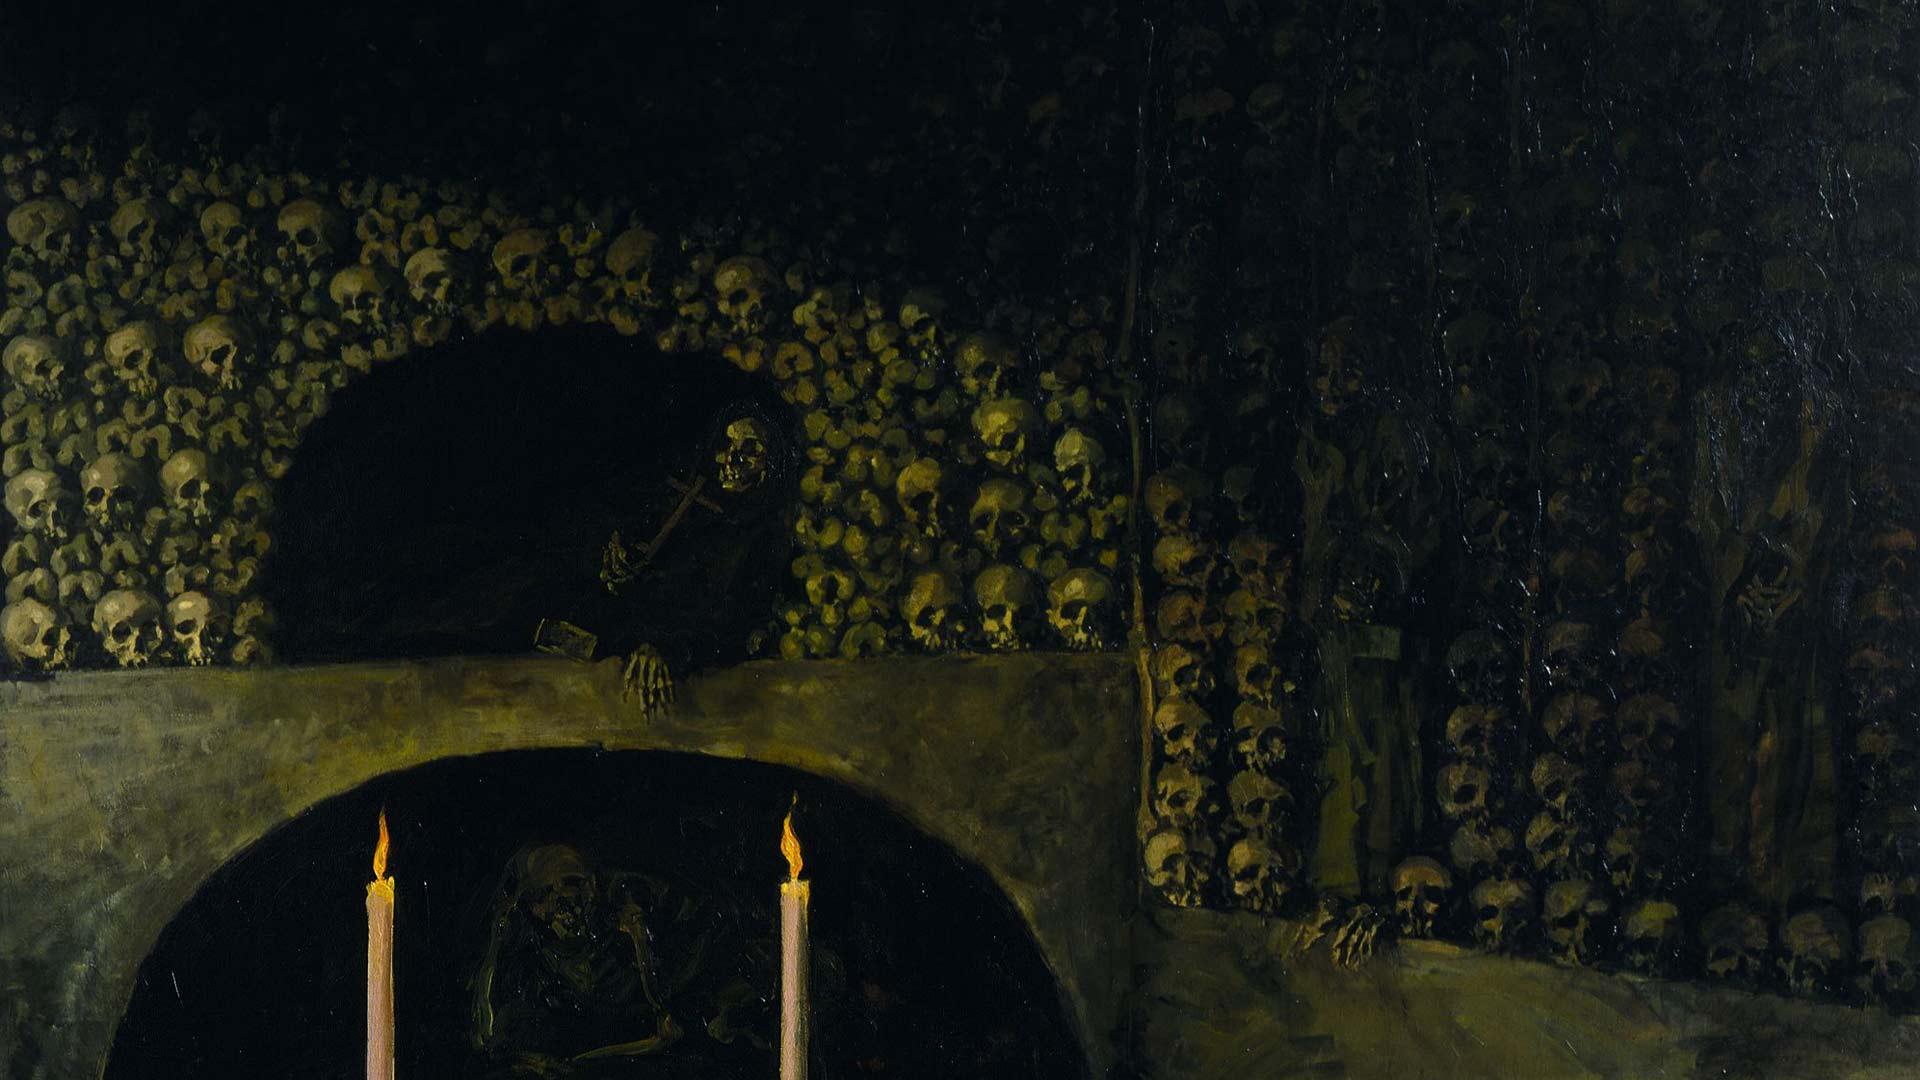 Oscar Parviaisen maalaus Kapusiinimunkkien hautakammio (1914) on lainassa Villa Gyllenbergin näyttelyssä Joensuun taidemuseolta. Parviaisen tuotanto on monin paikoin synkkää ja hän on käsitellyt teoksissaan muun muassa maailmanloppua.